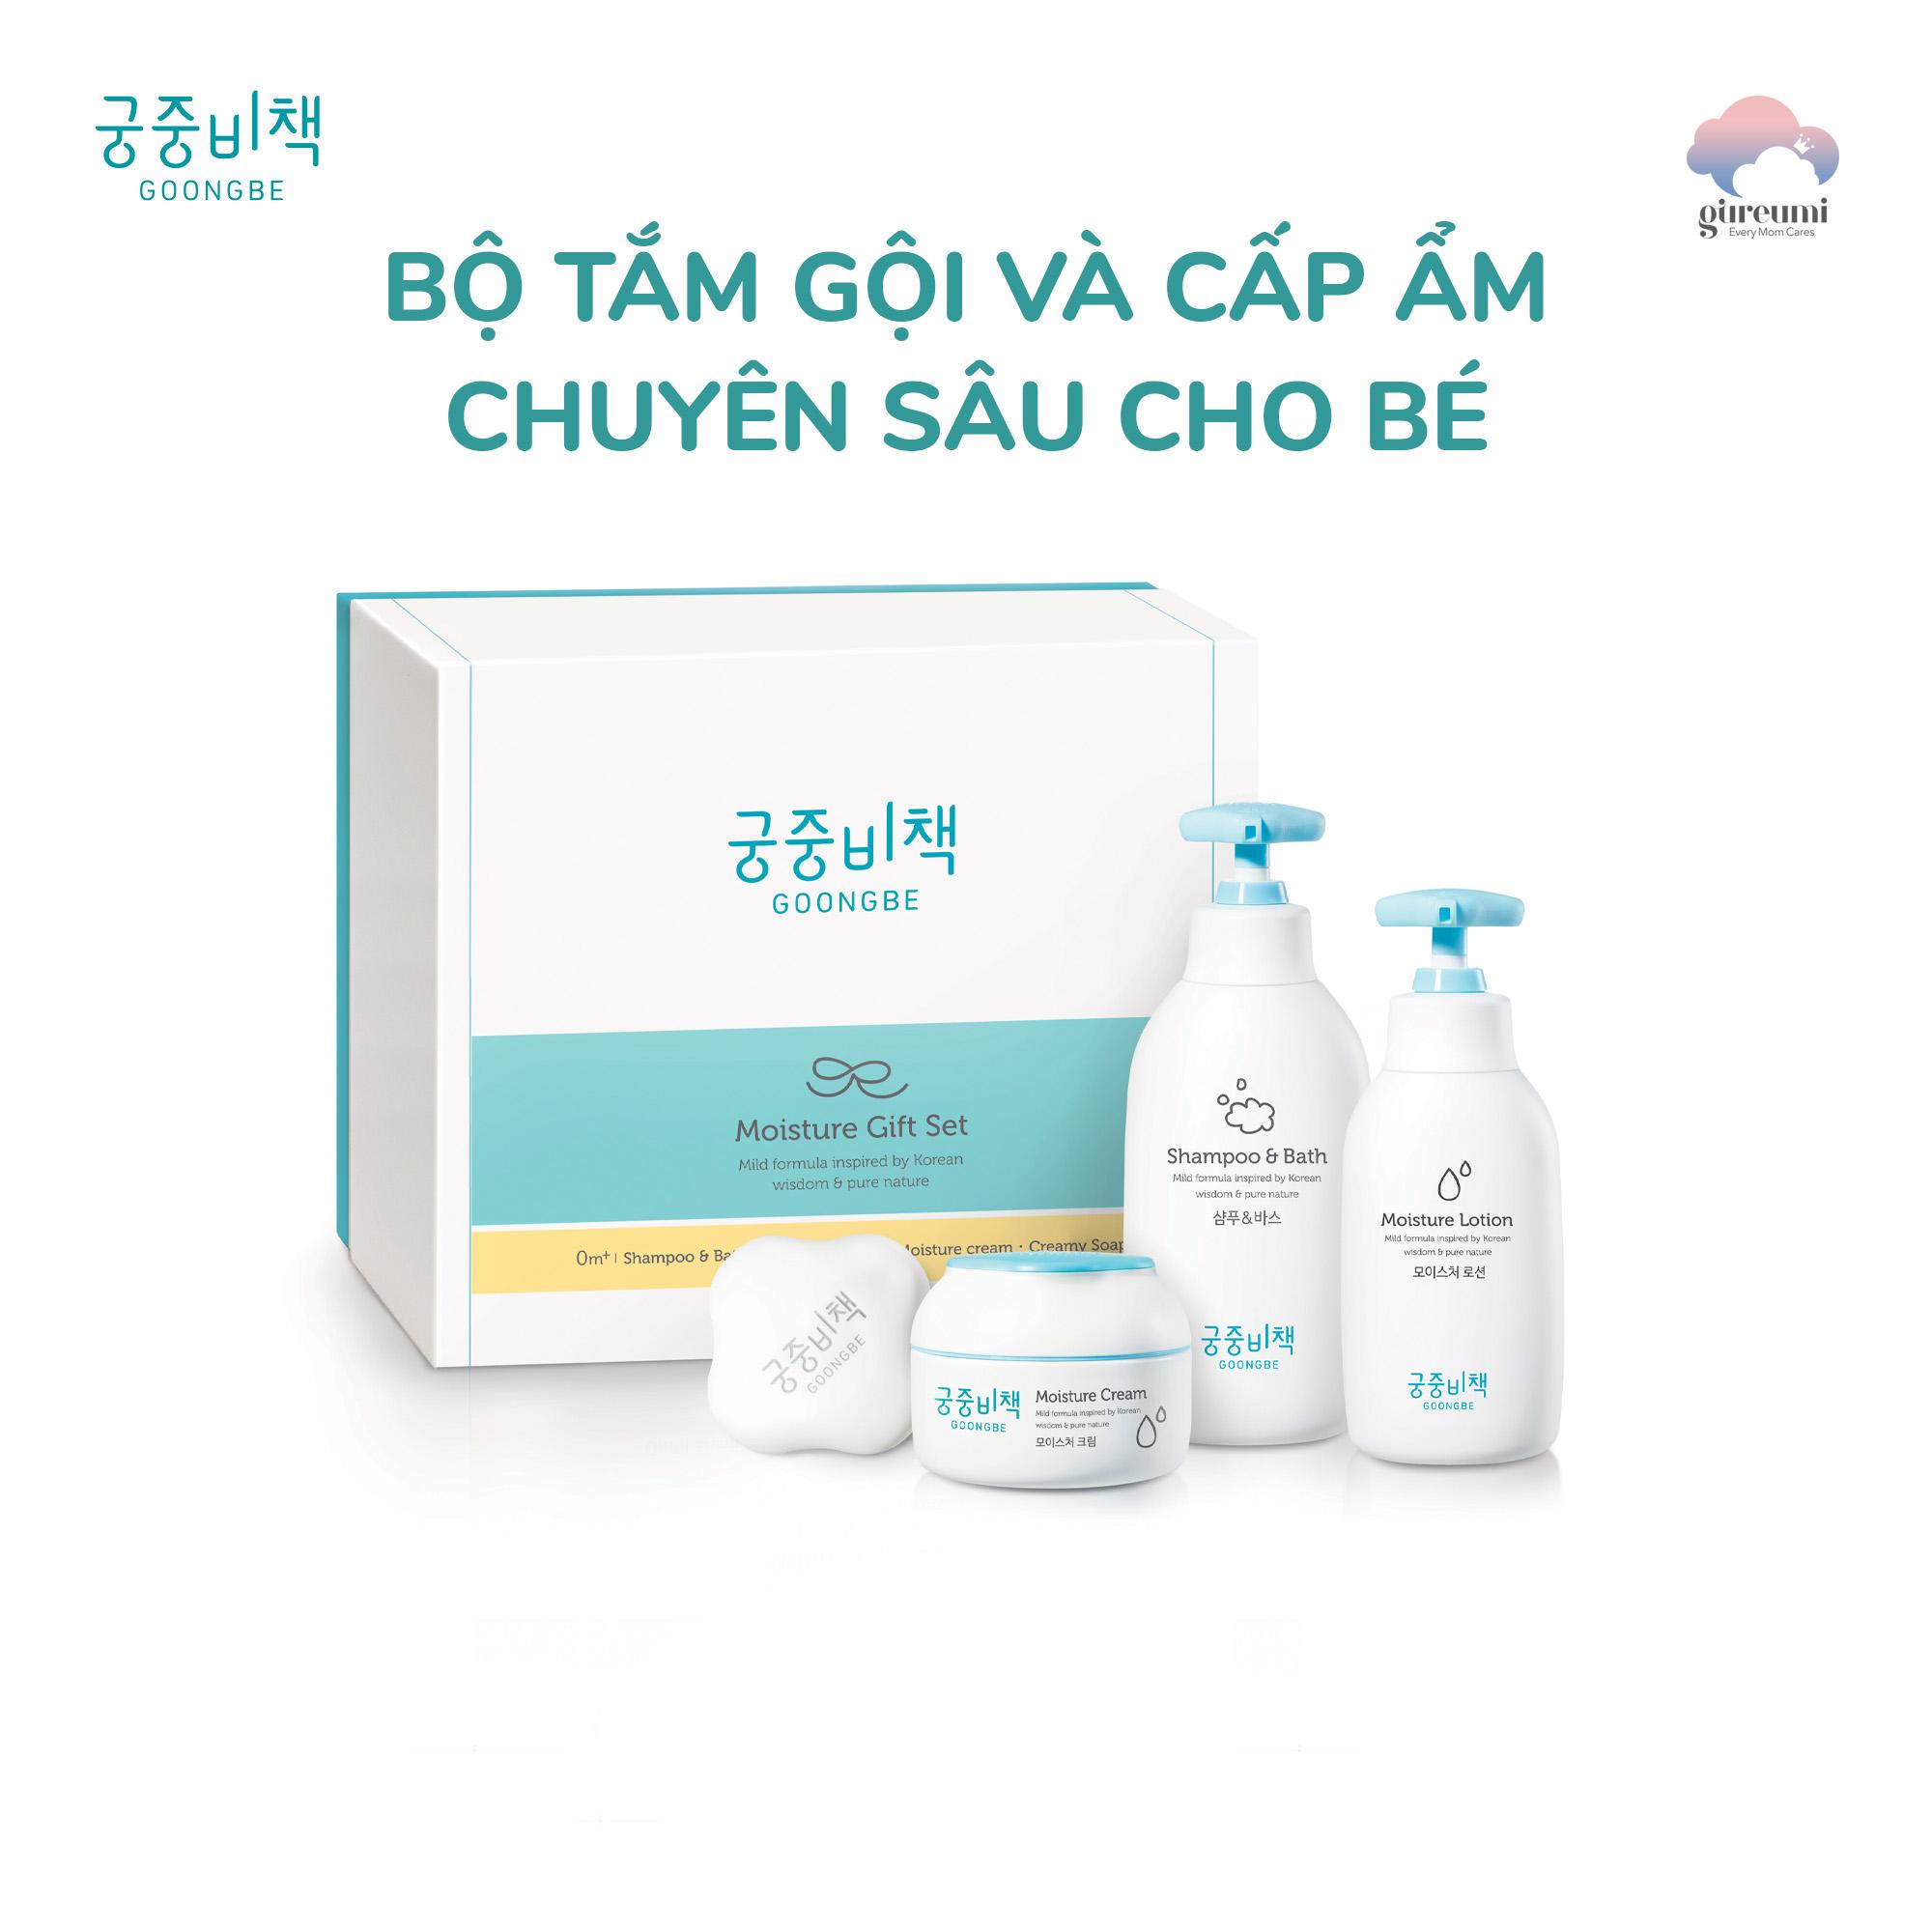 Bộ tắm gội và dưỡng ẩm chuyên sâu cho bé Goongbe từ Hàn Quốc (Combo Goongbe Moisture Gift Set)